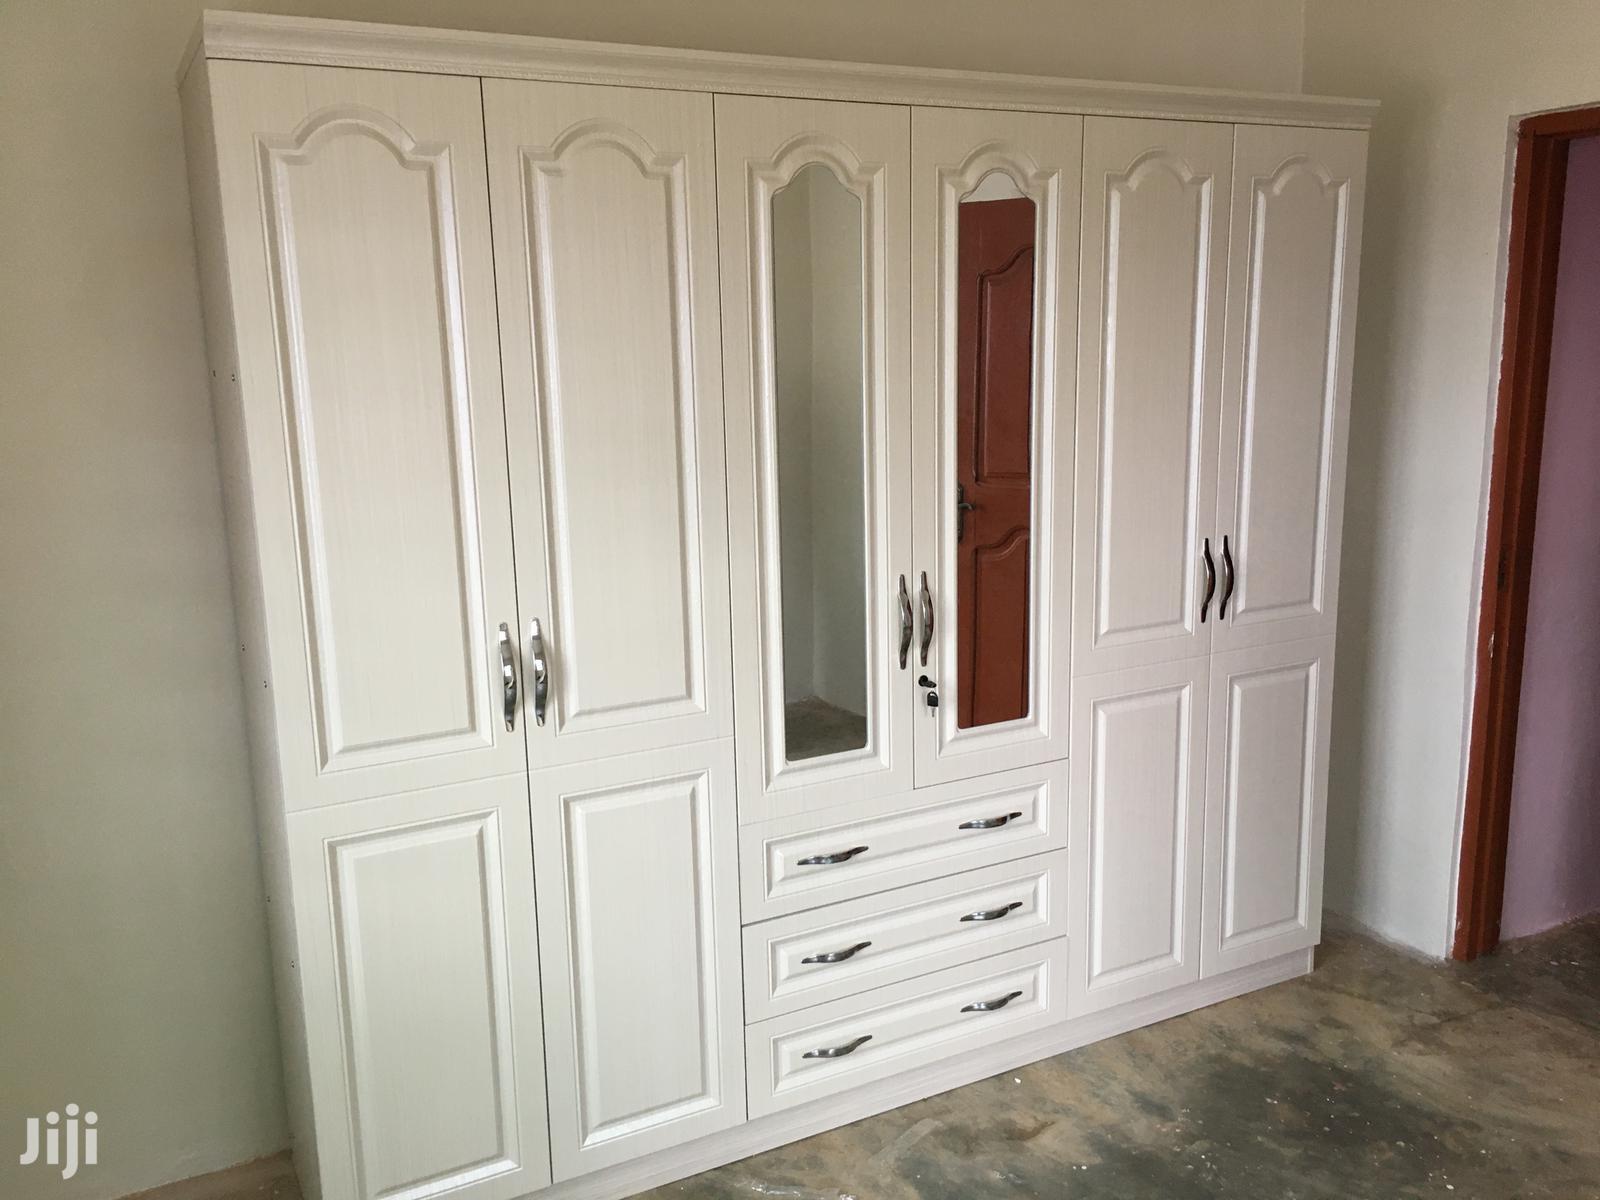 6 Doors Wardrobe